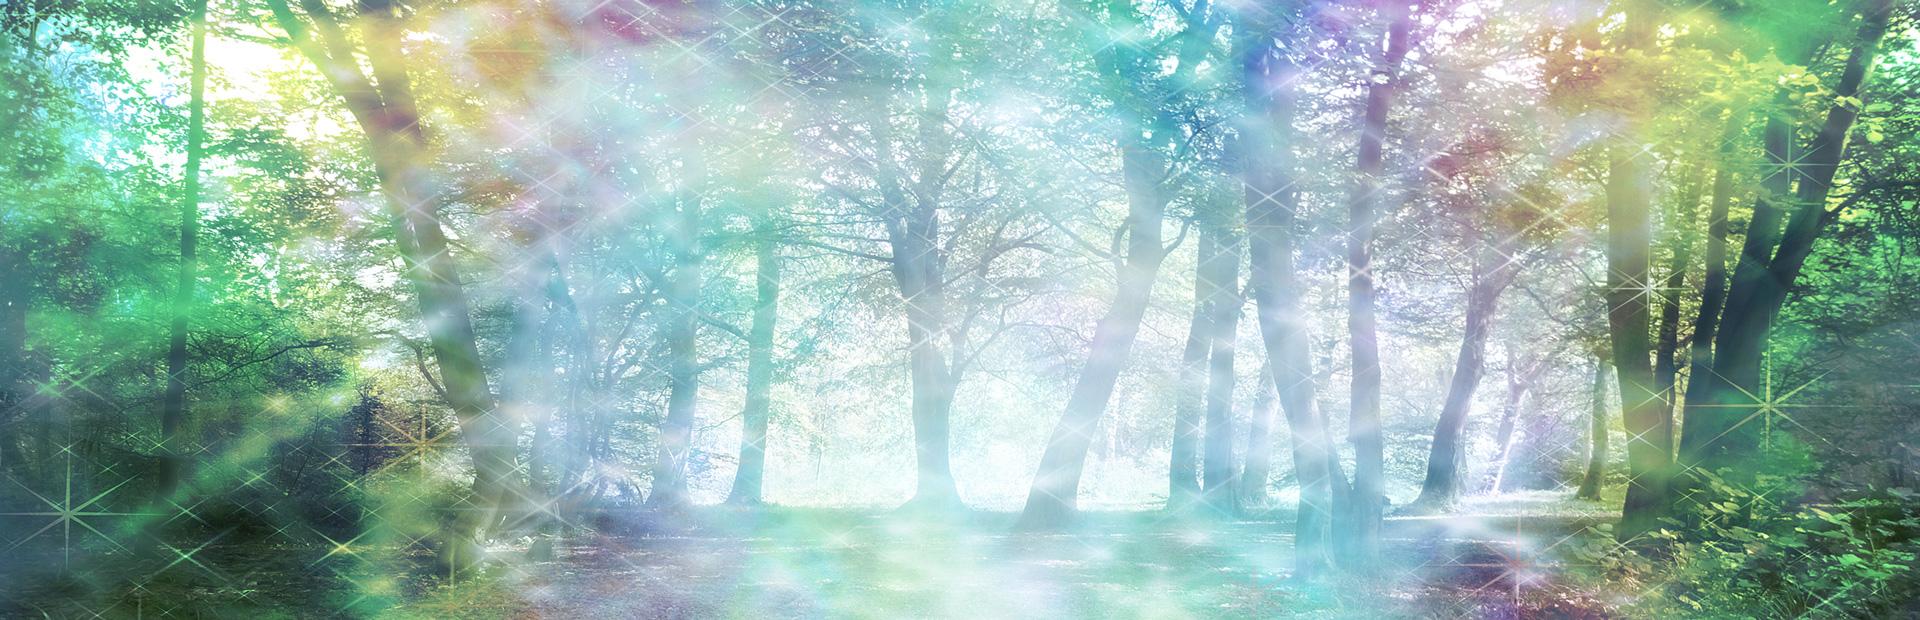 slider-forest